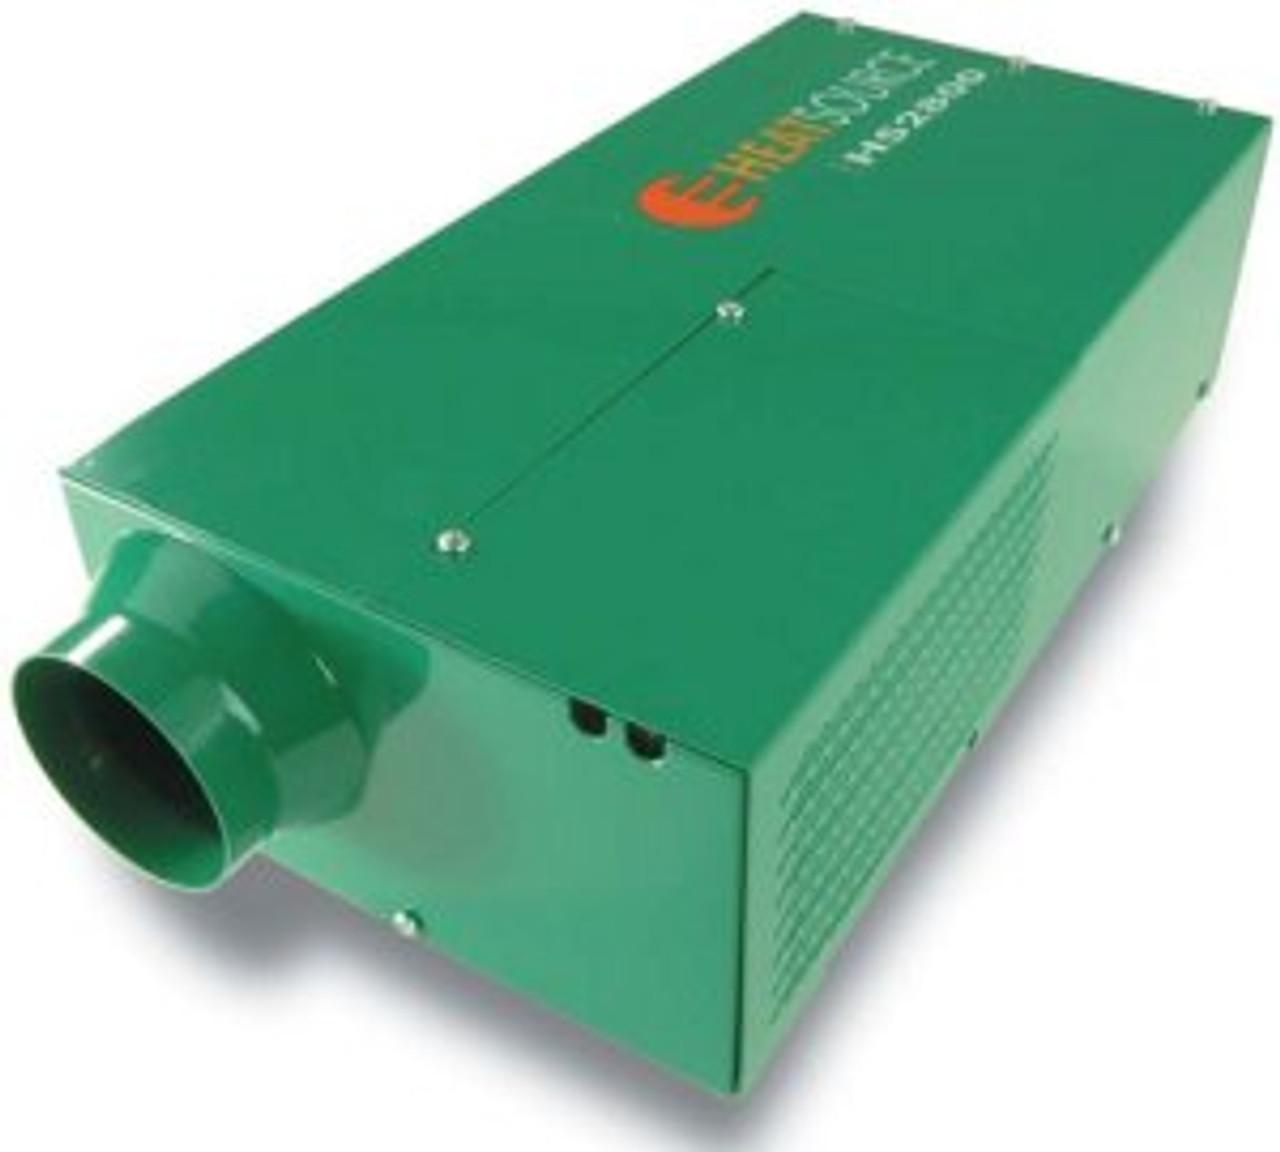 Propex HS2800 Heater Unit